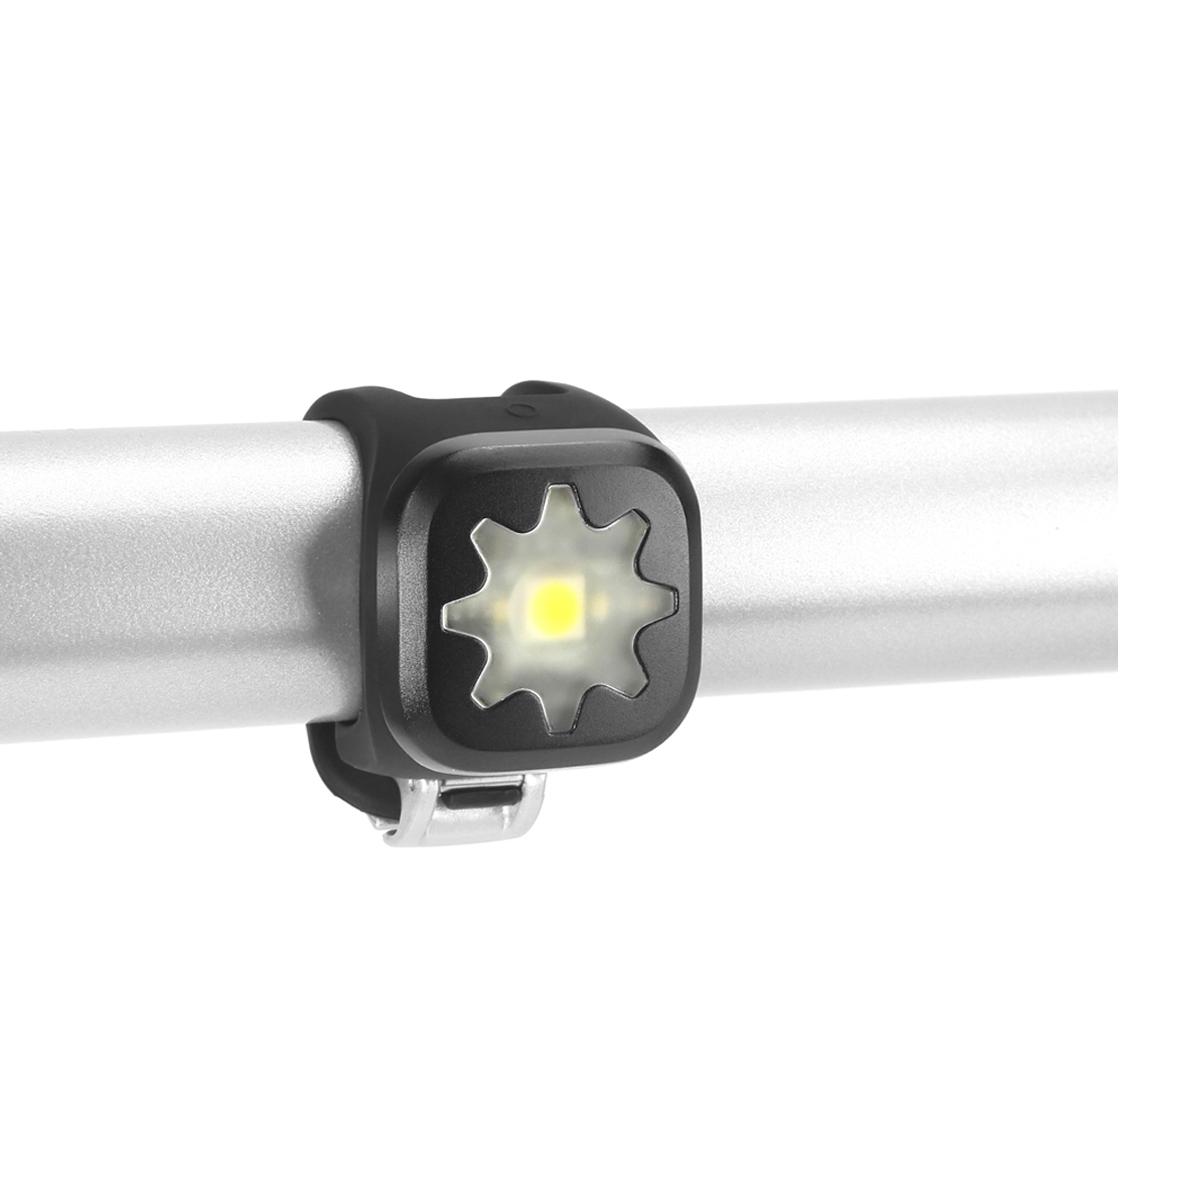 Éclairage arrière Knog Blinder Crâne 1 LED - Noir